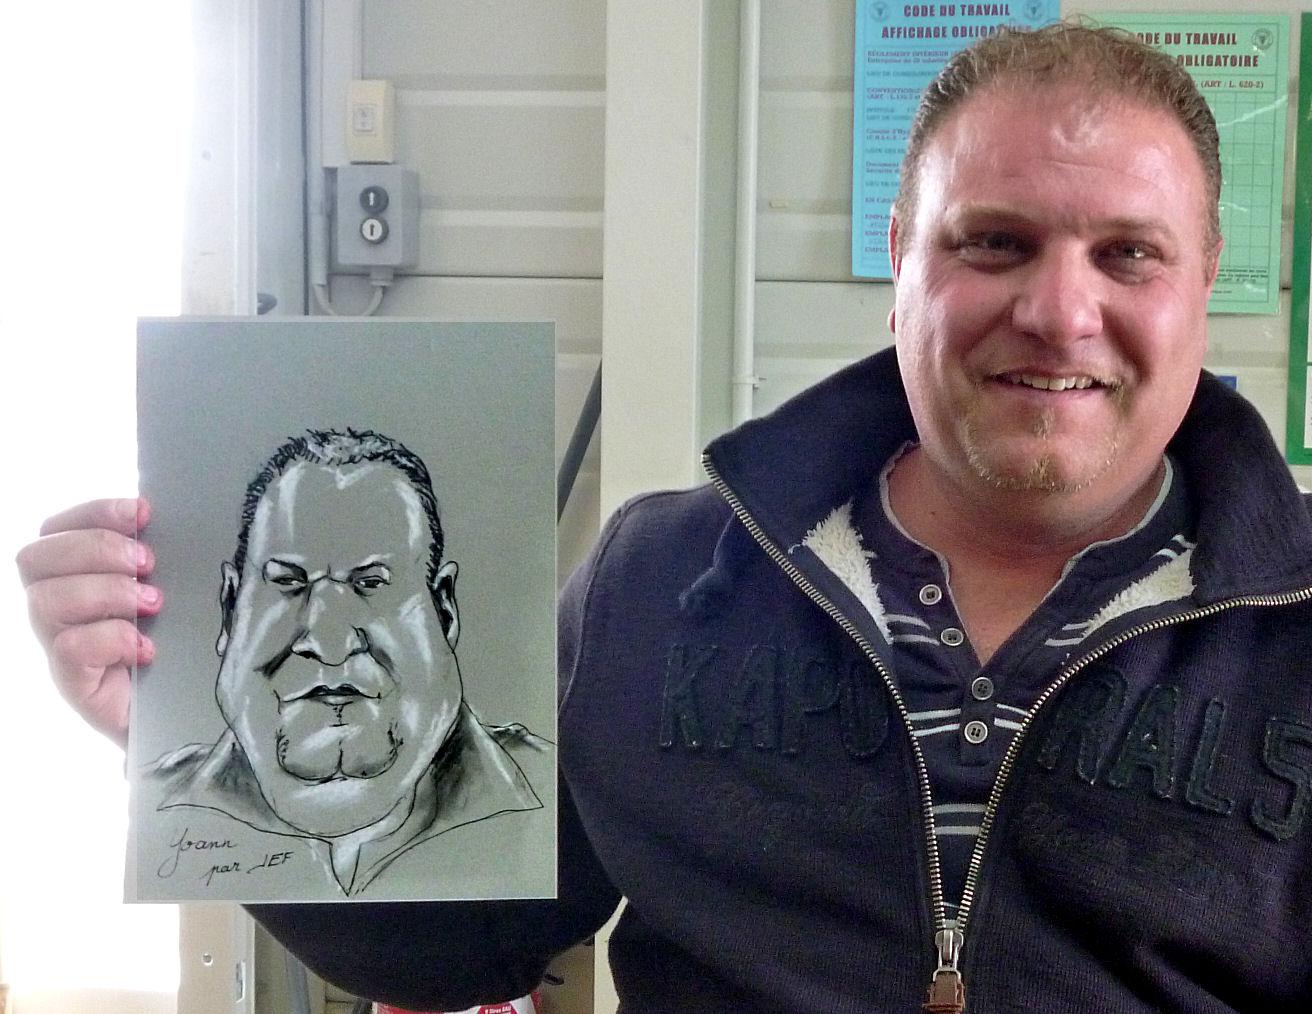 Yoann caricature par JEF